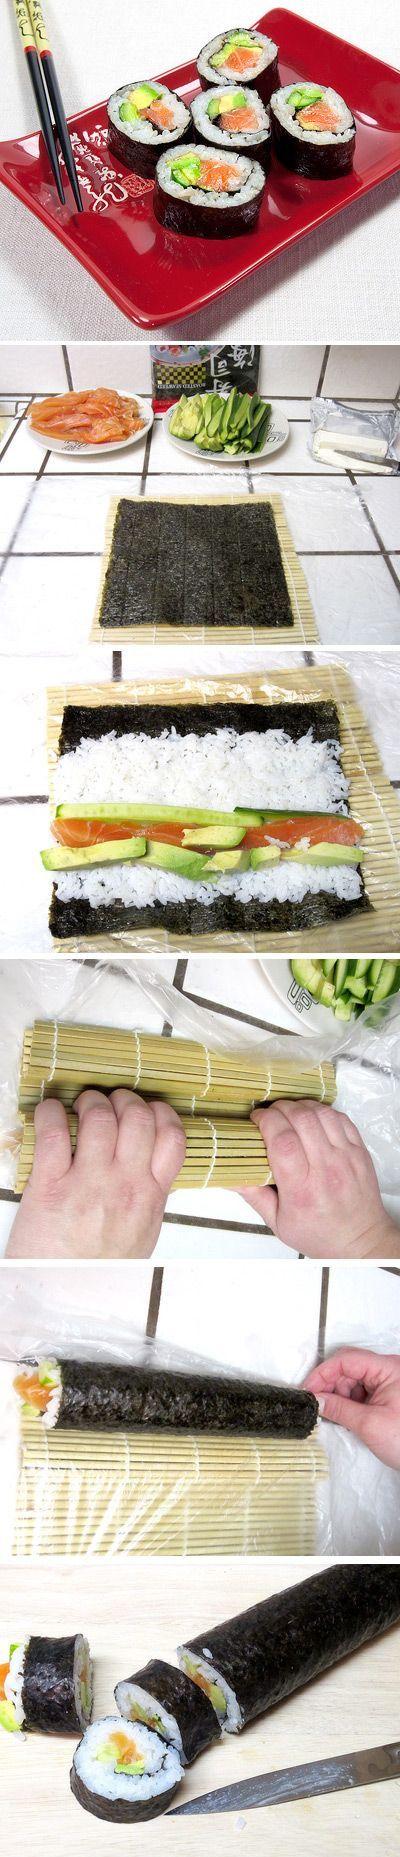 tutorial paso a paso como hacer sushi en casa. yo lo he probado y sale buenísimooo!